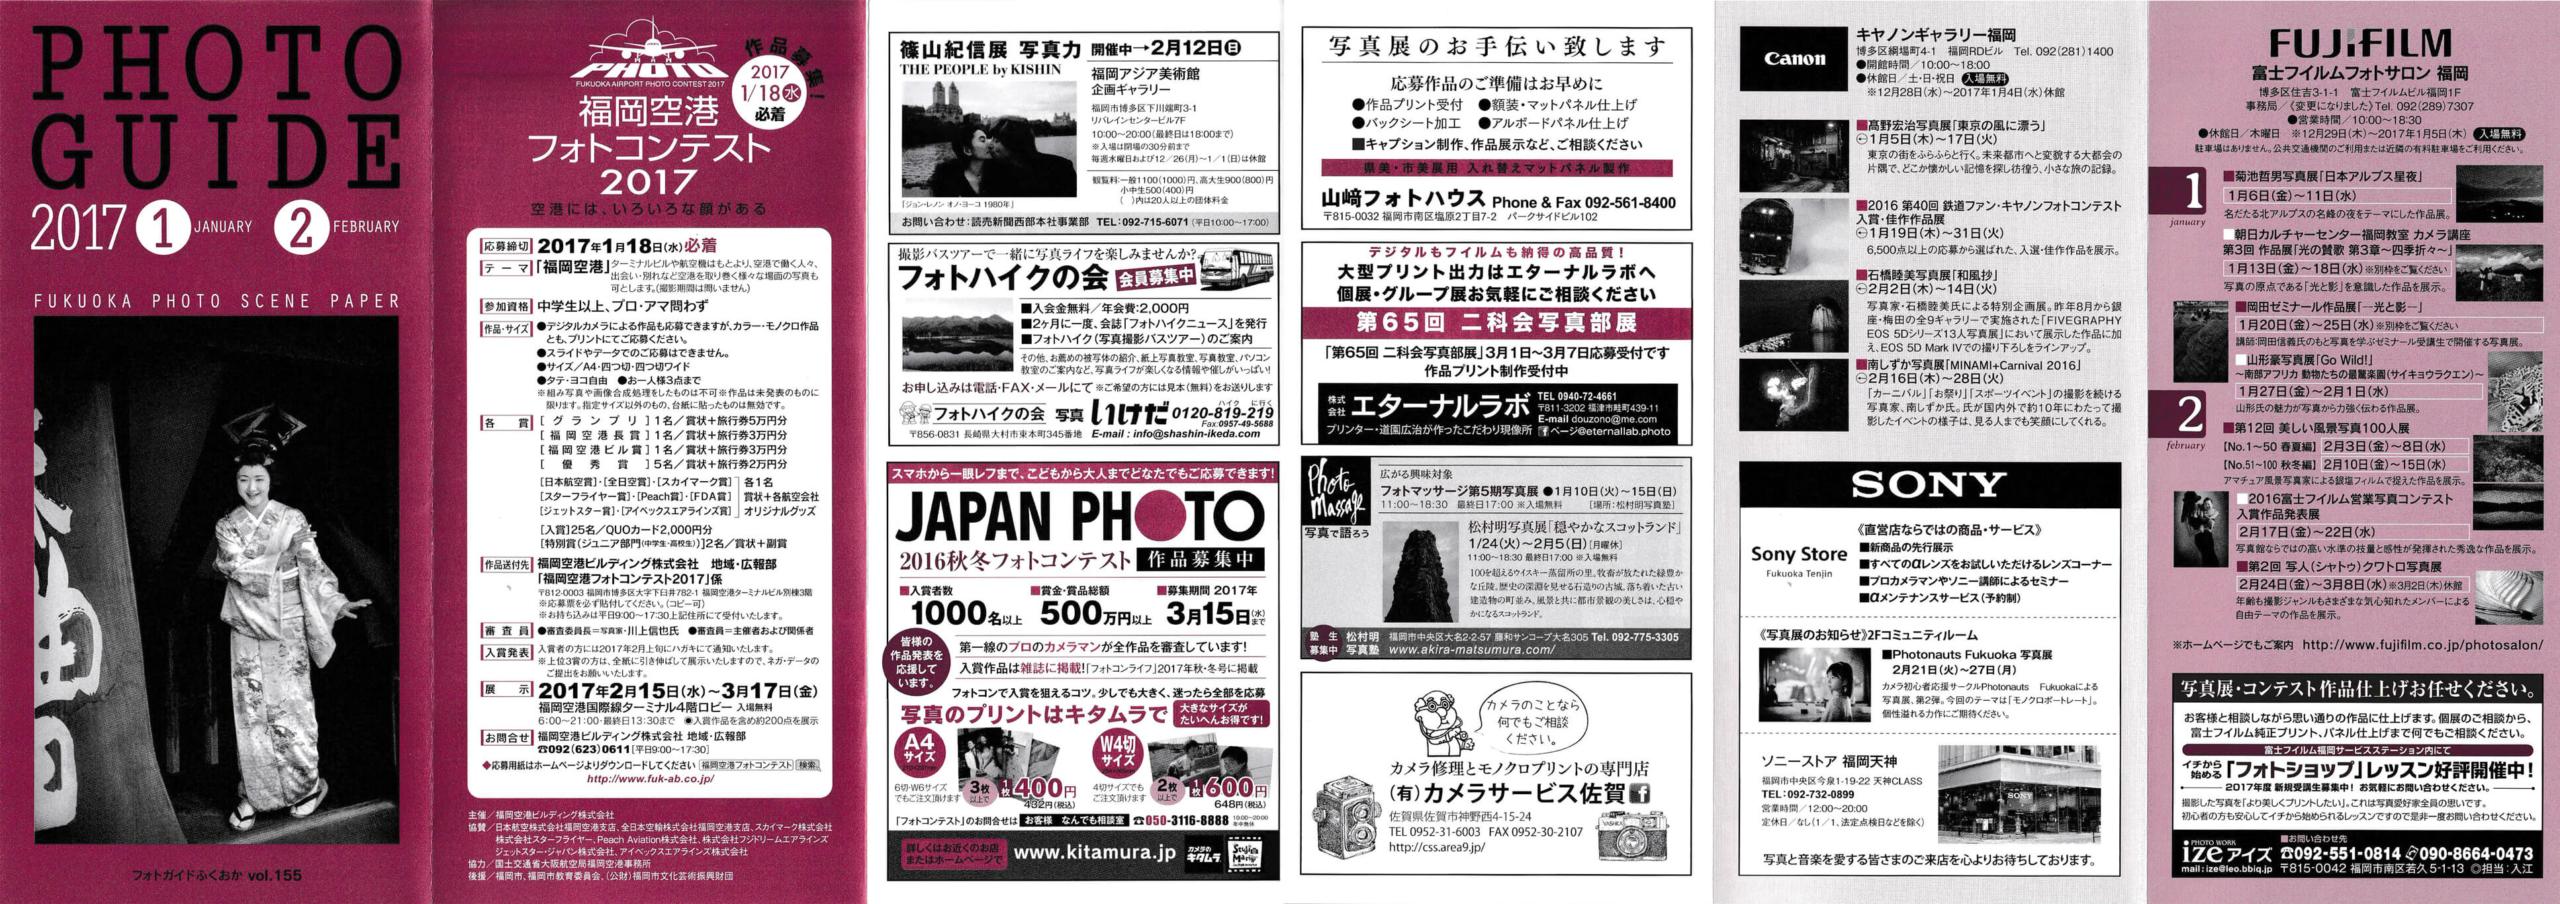 フォトガイドふくおか|アーカイブ|vol155